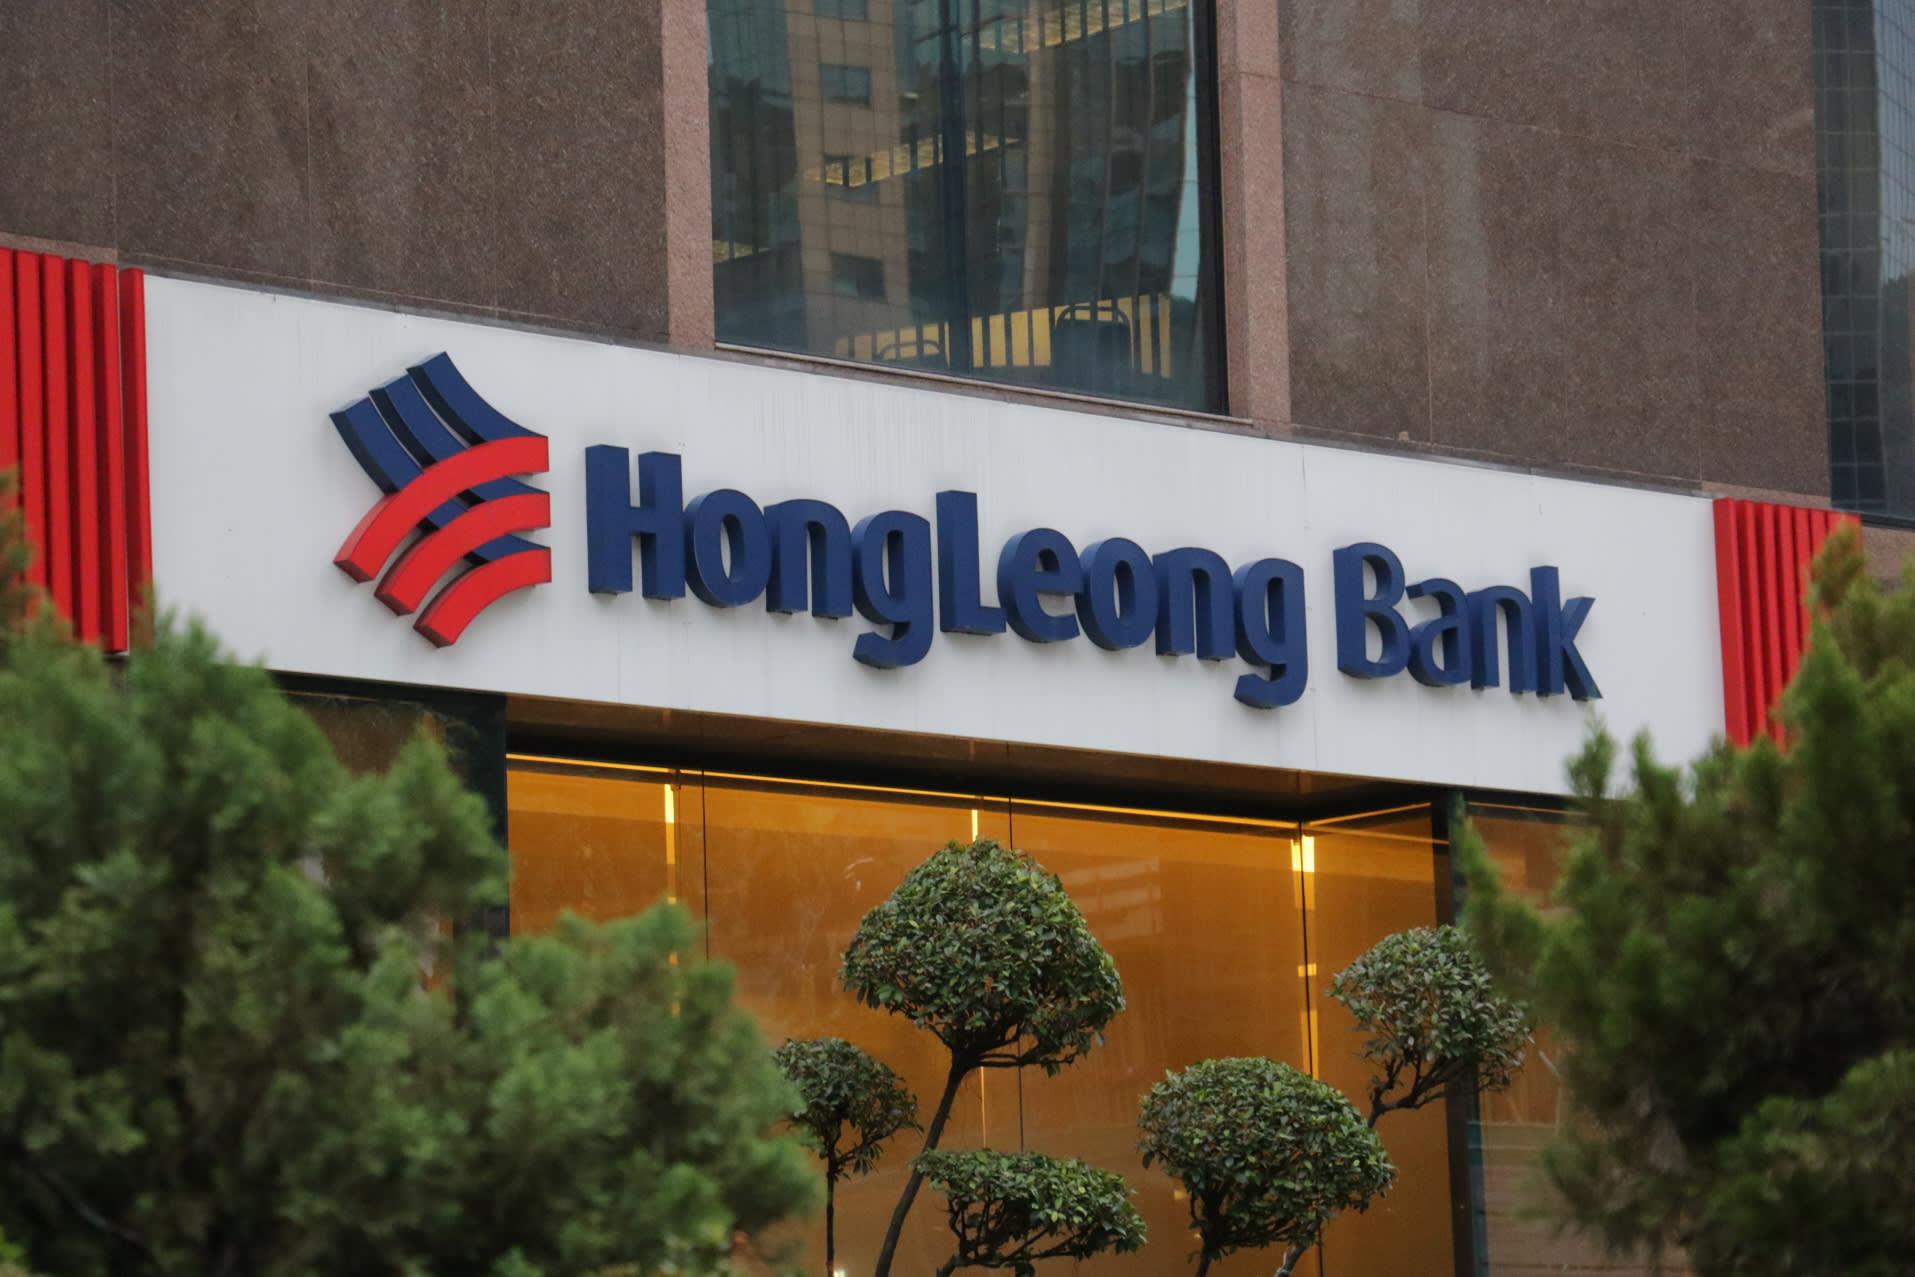 Tìm hiểu Hong Leong Bank và các vấn đề liên quan đến ngân hàng ...